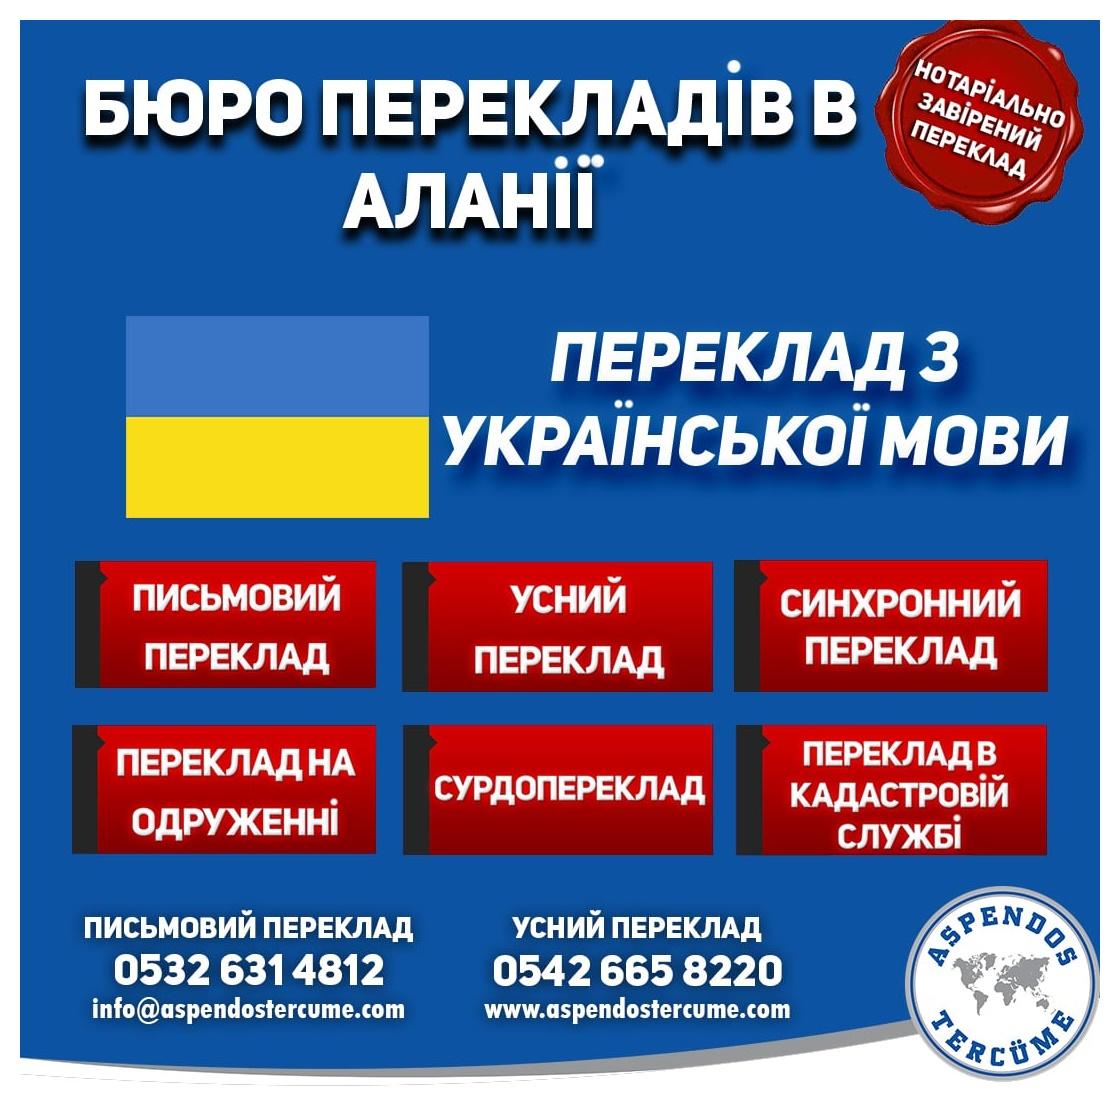 аланія_бюро_перекладів_український_переклад